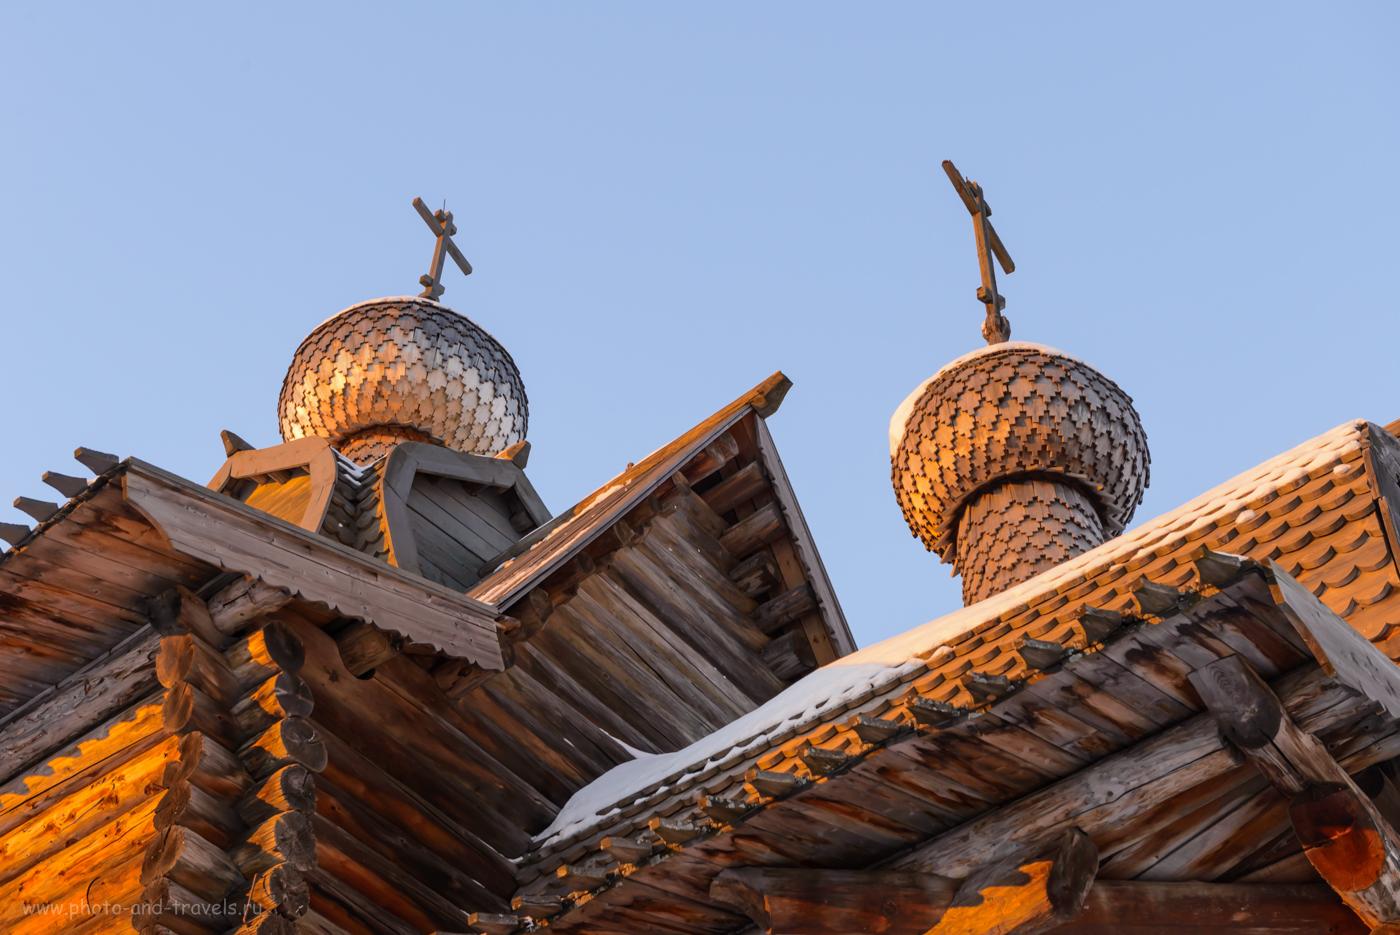 Фотография 5. Купола деревянной Церкви Преображения в архитектрурно-этнографическом музее «Хохловка» в окрестностях Перми. Отзывы туристов об экскурсии. 1/80, 8.0, 640, 52.